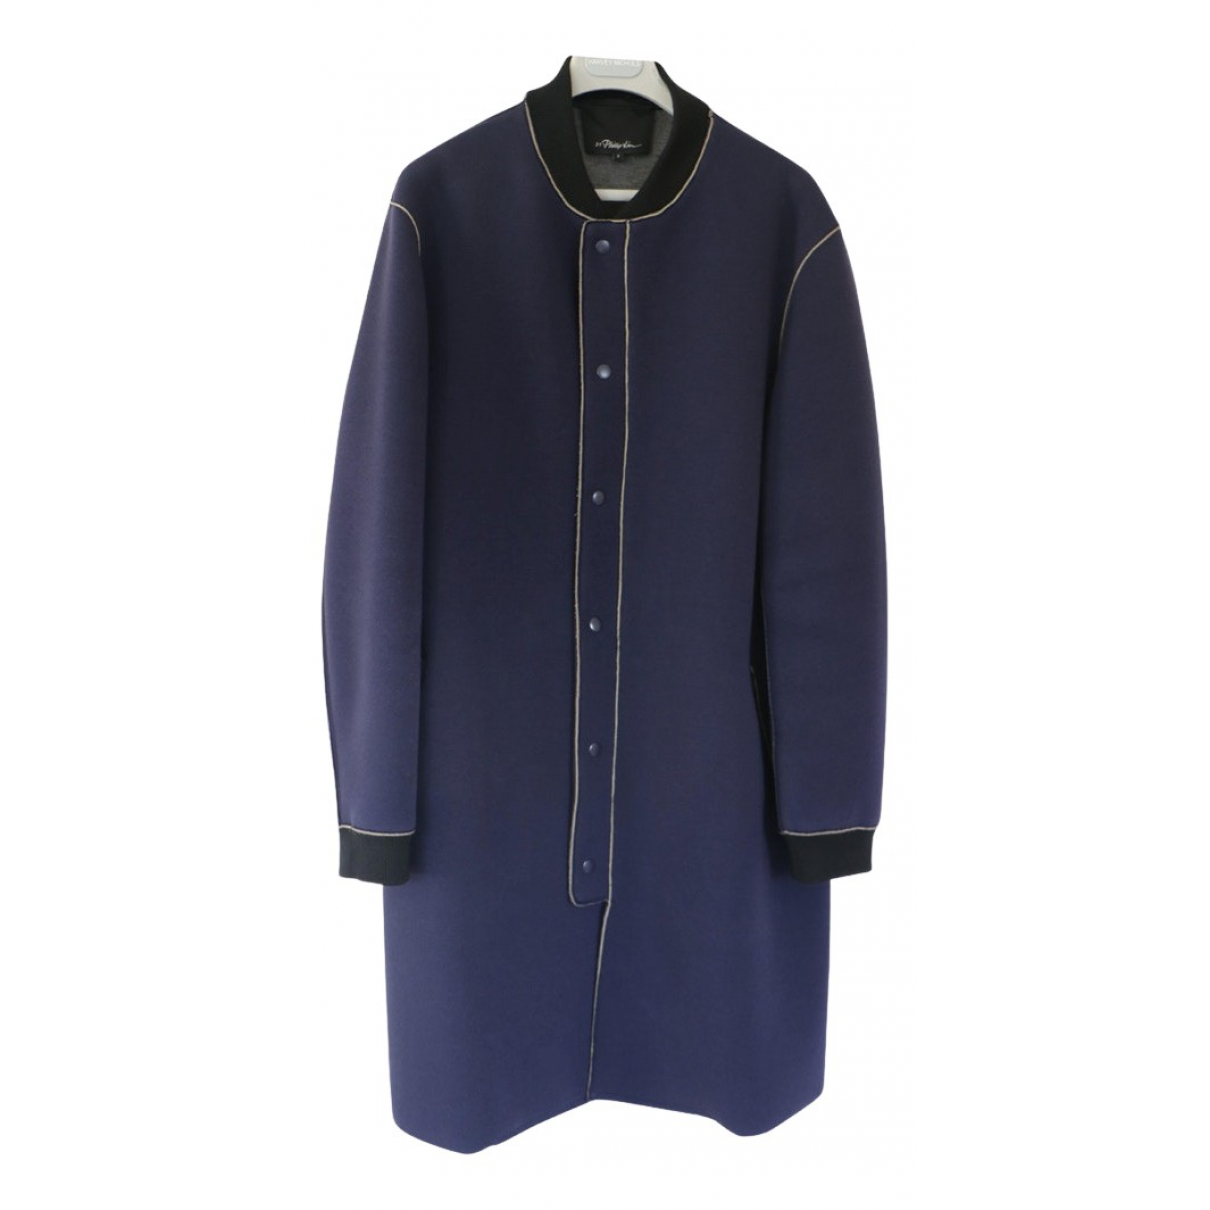 3.1 Phillip Lim \N Navy coat  for Men S International